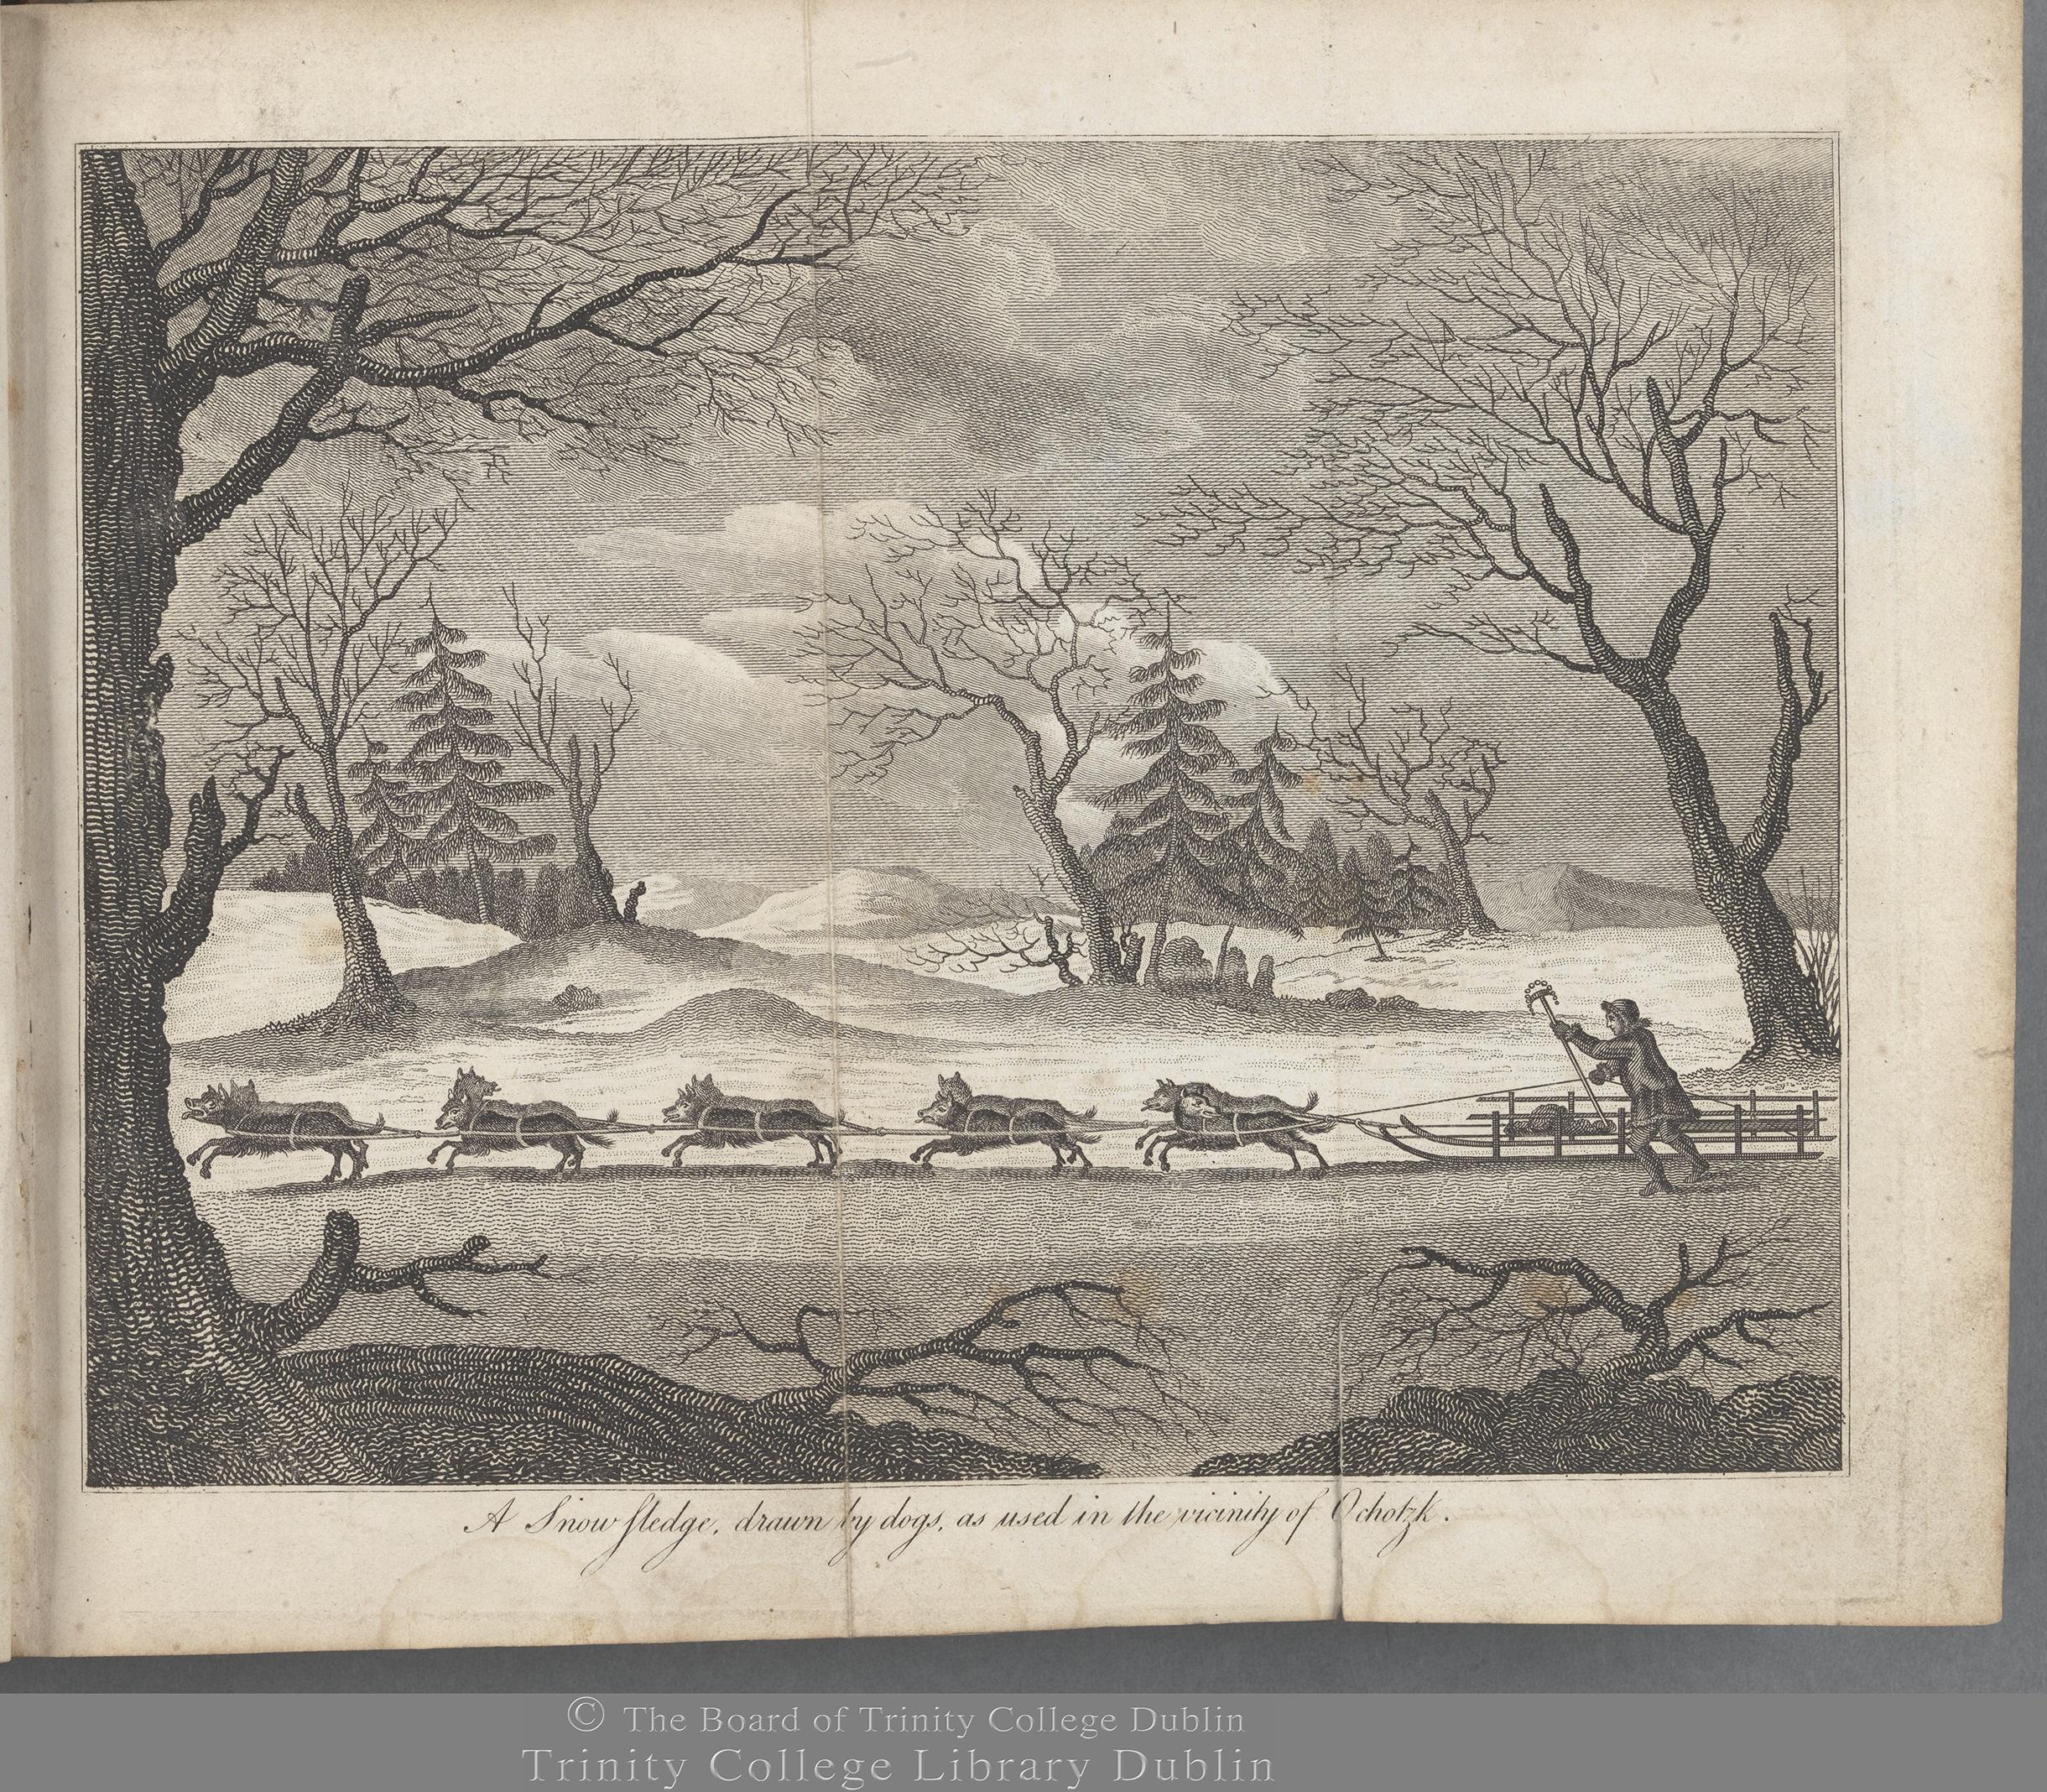 G.A. Sarychev: Puteshestvie flota kapitana, London 1806-07